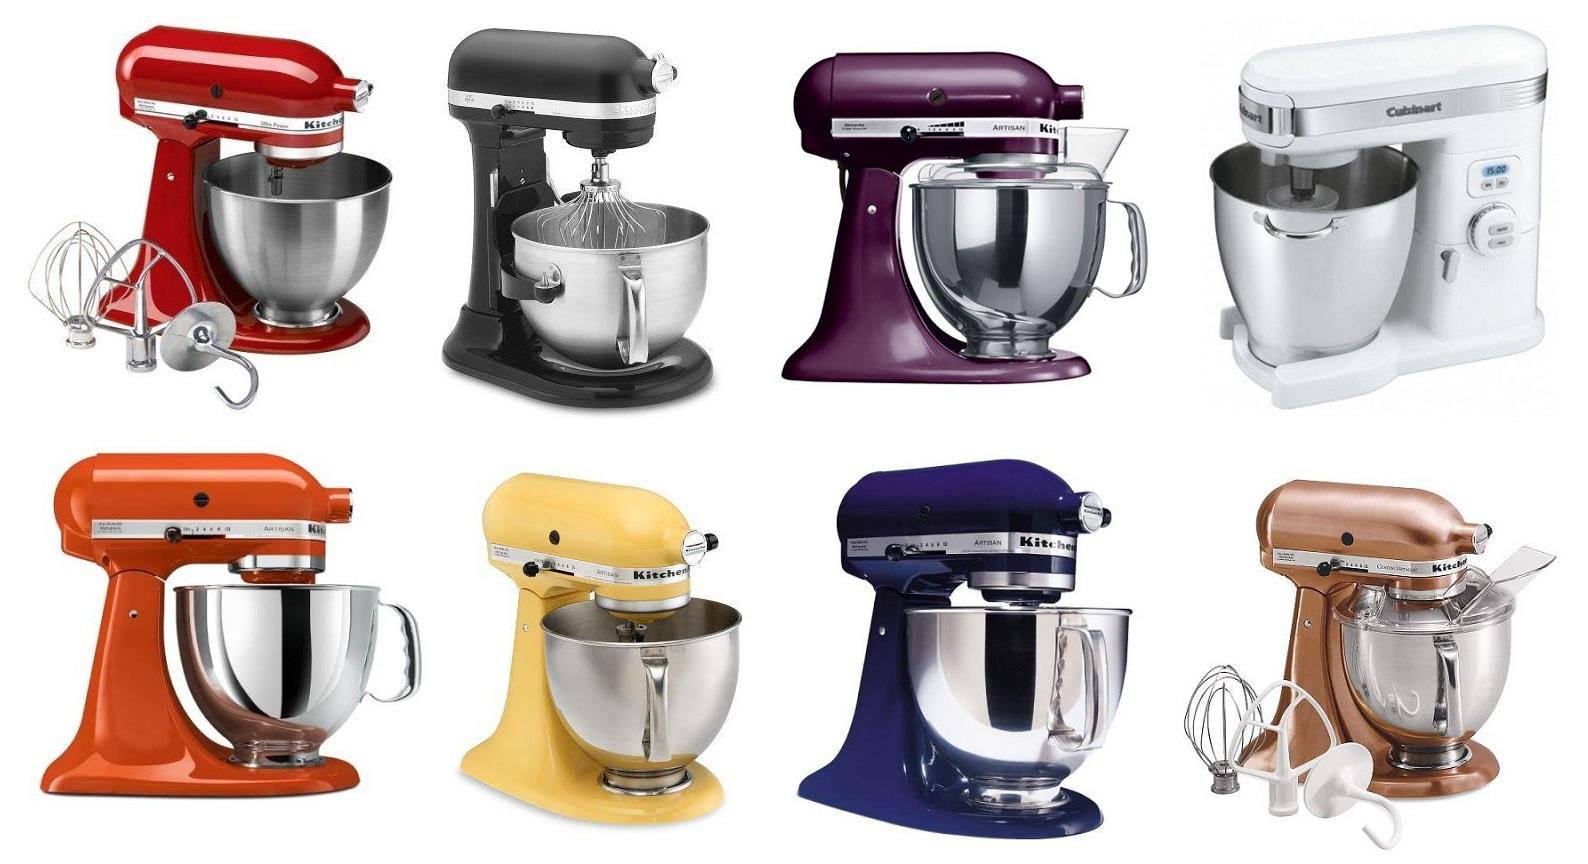 Kitchen aid mixer photo - 2